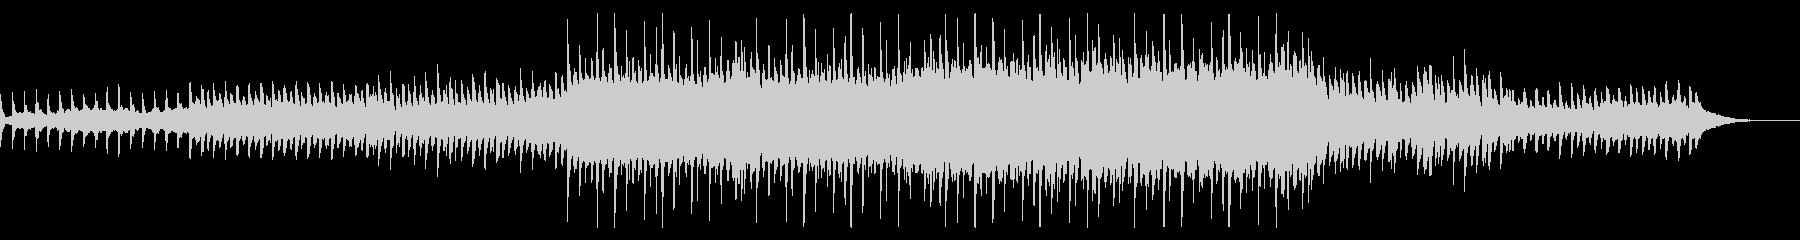 マリンバとシンセのしっとりしたヒーリングの未再生の波形